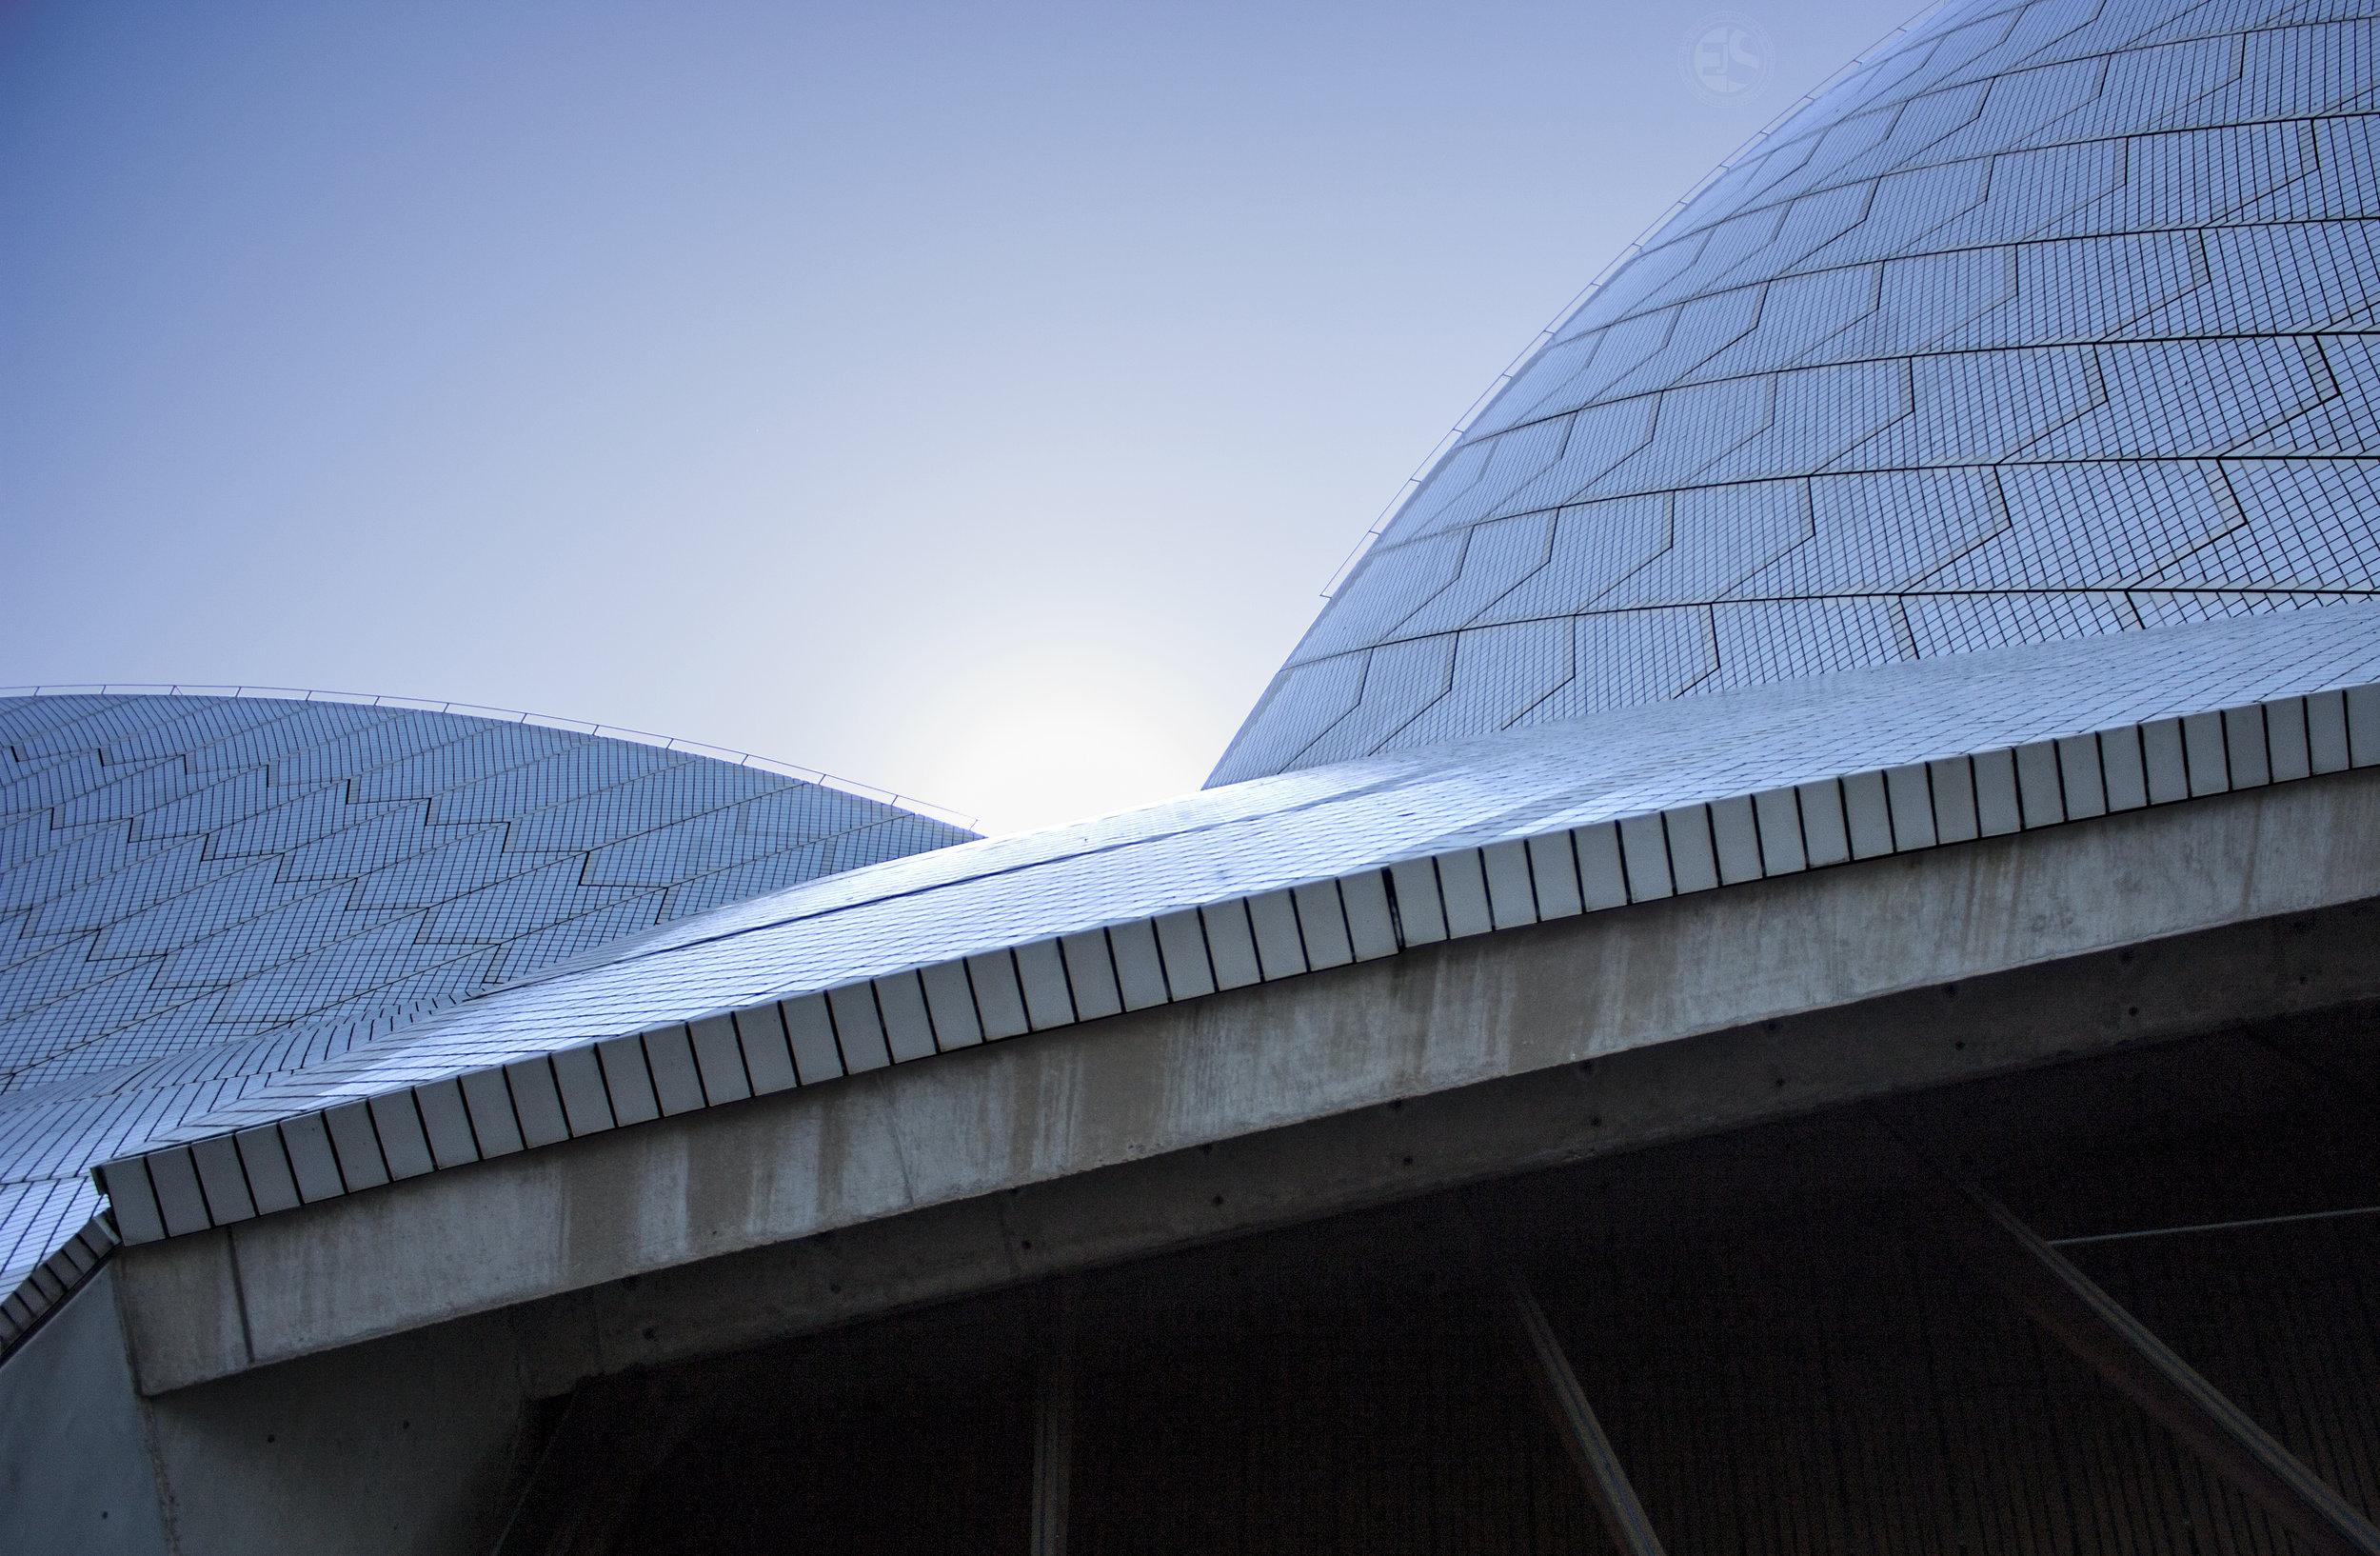 Australia_Sydney Opear House_Sail Connection.jpg